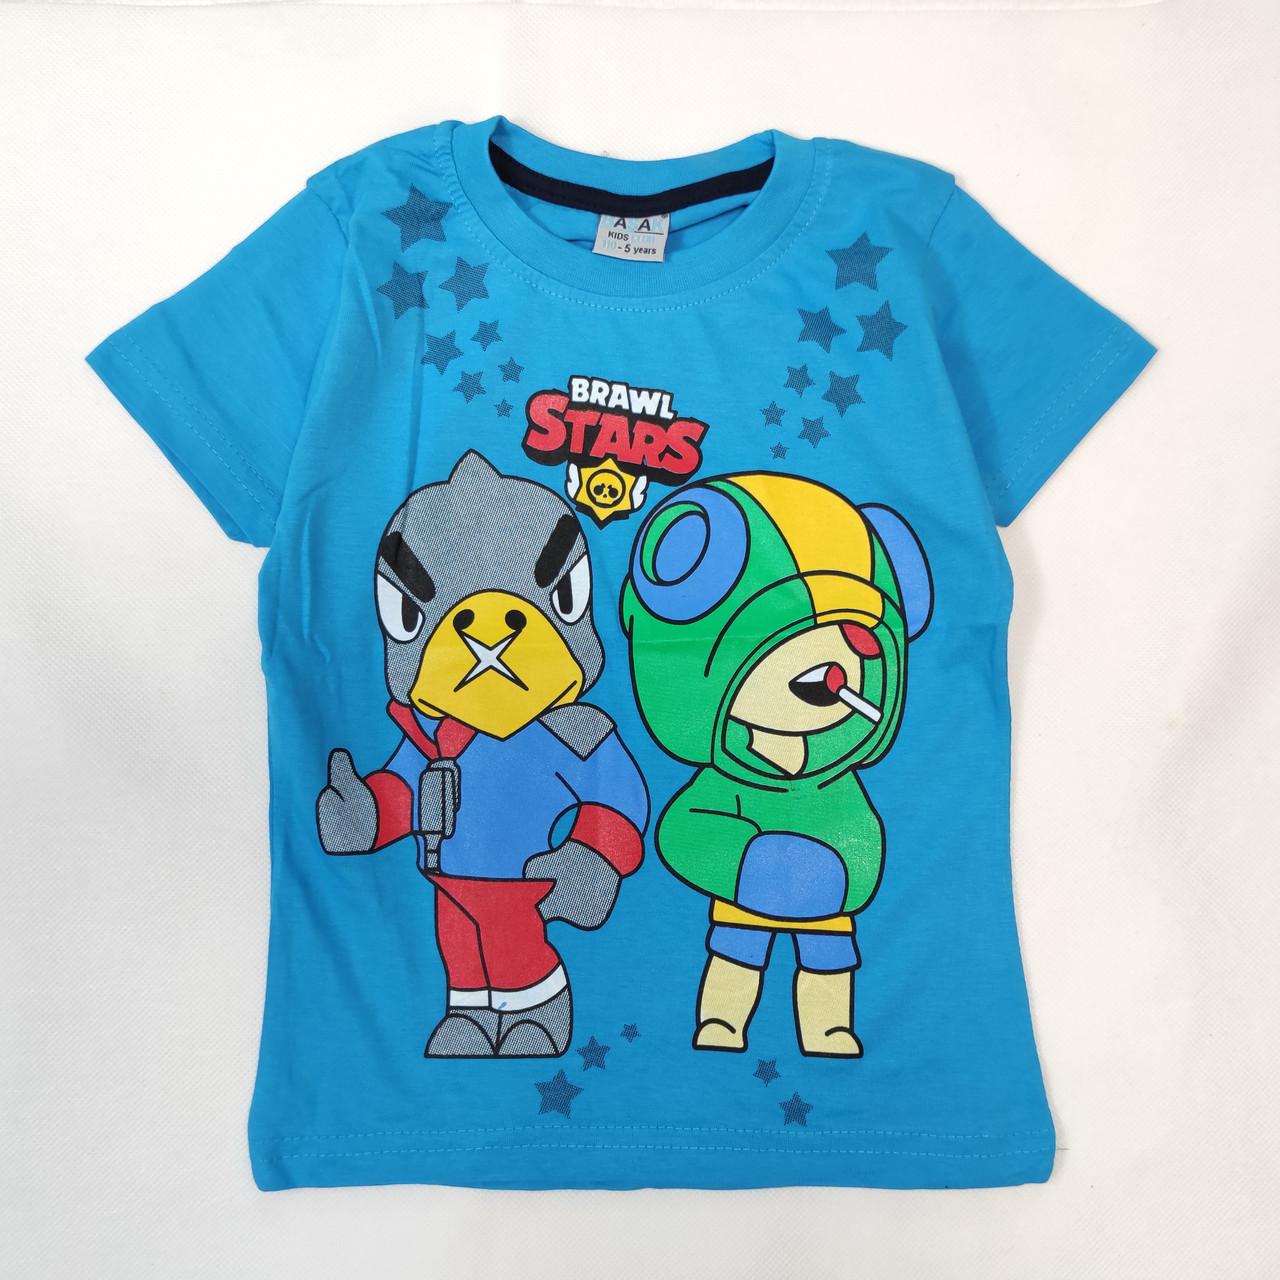 Детская футболка для мальчика бравл старс brawl stars голубая 7-8 лет